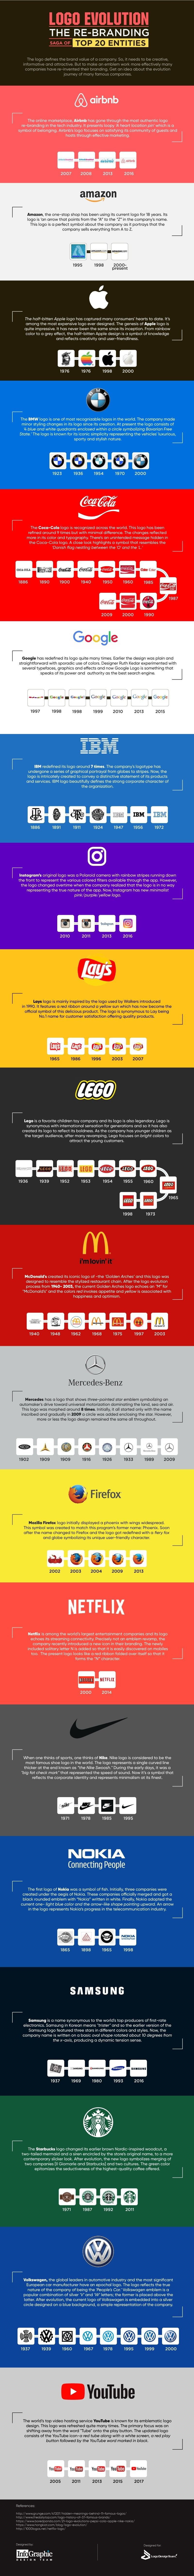 Logo Evolution info